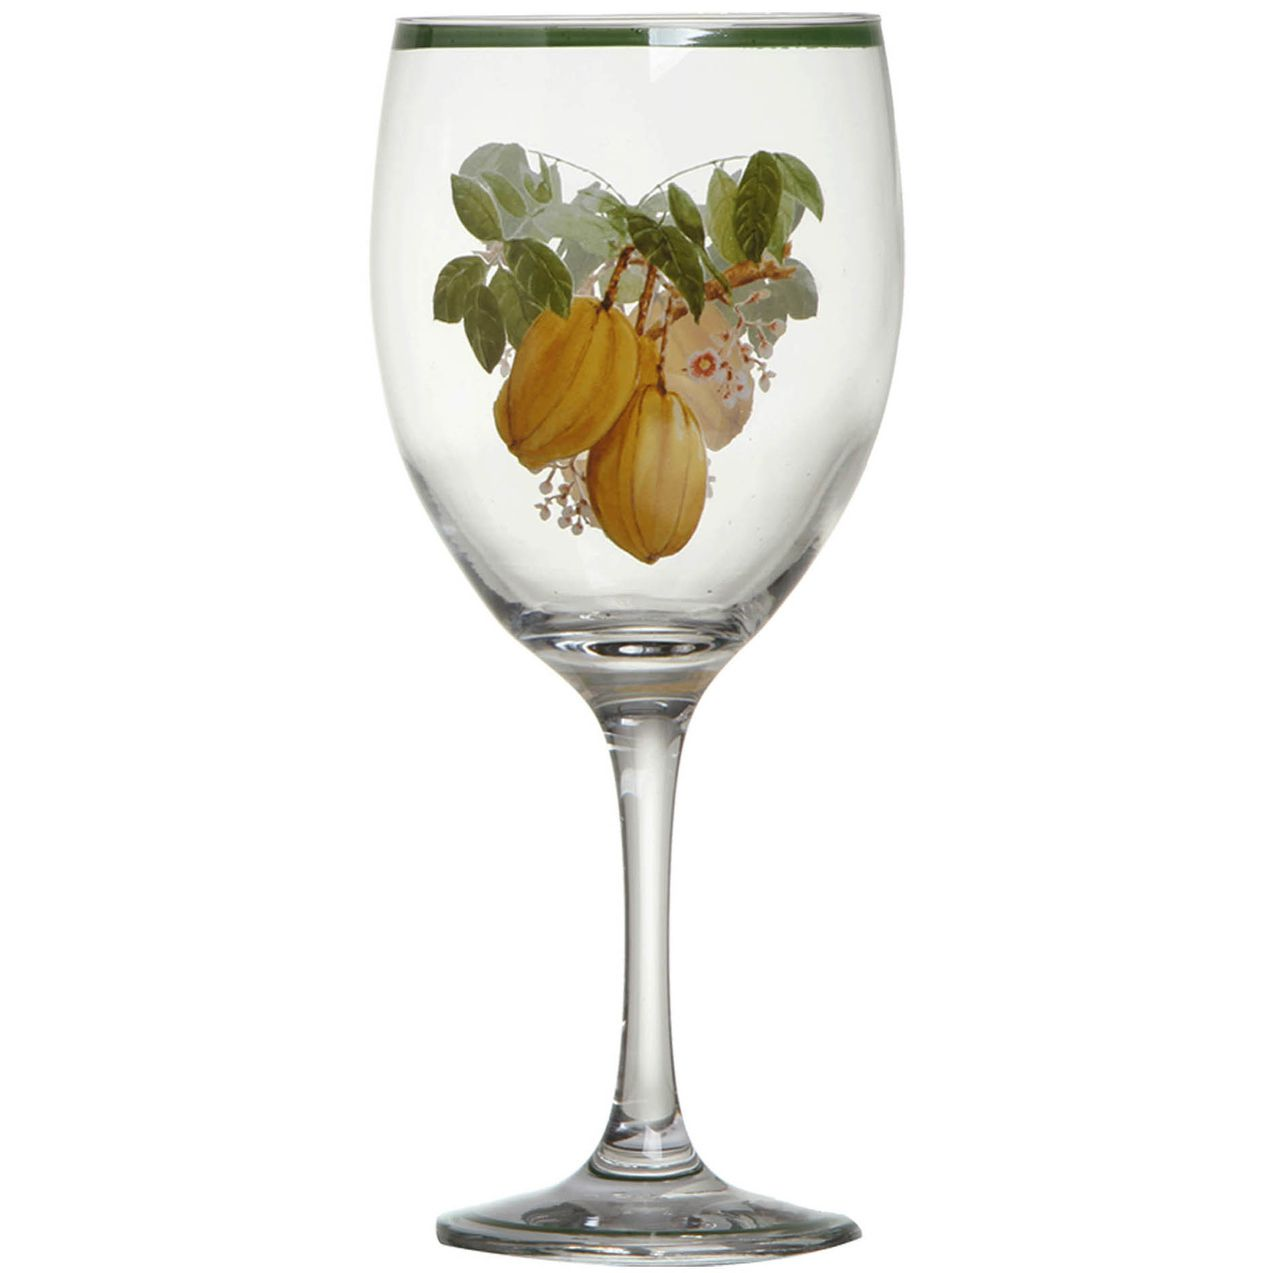 Taça de Água Nostri Frutti Carambola (06 Unidades) Cód.: 3853 - MB